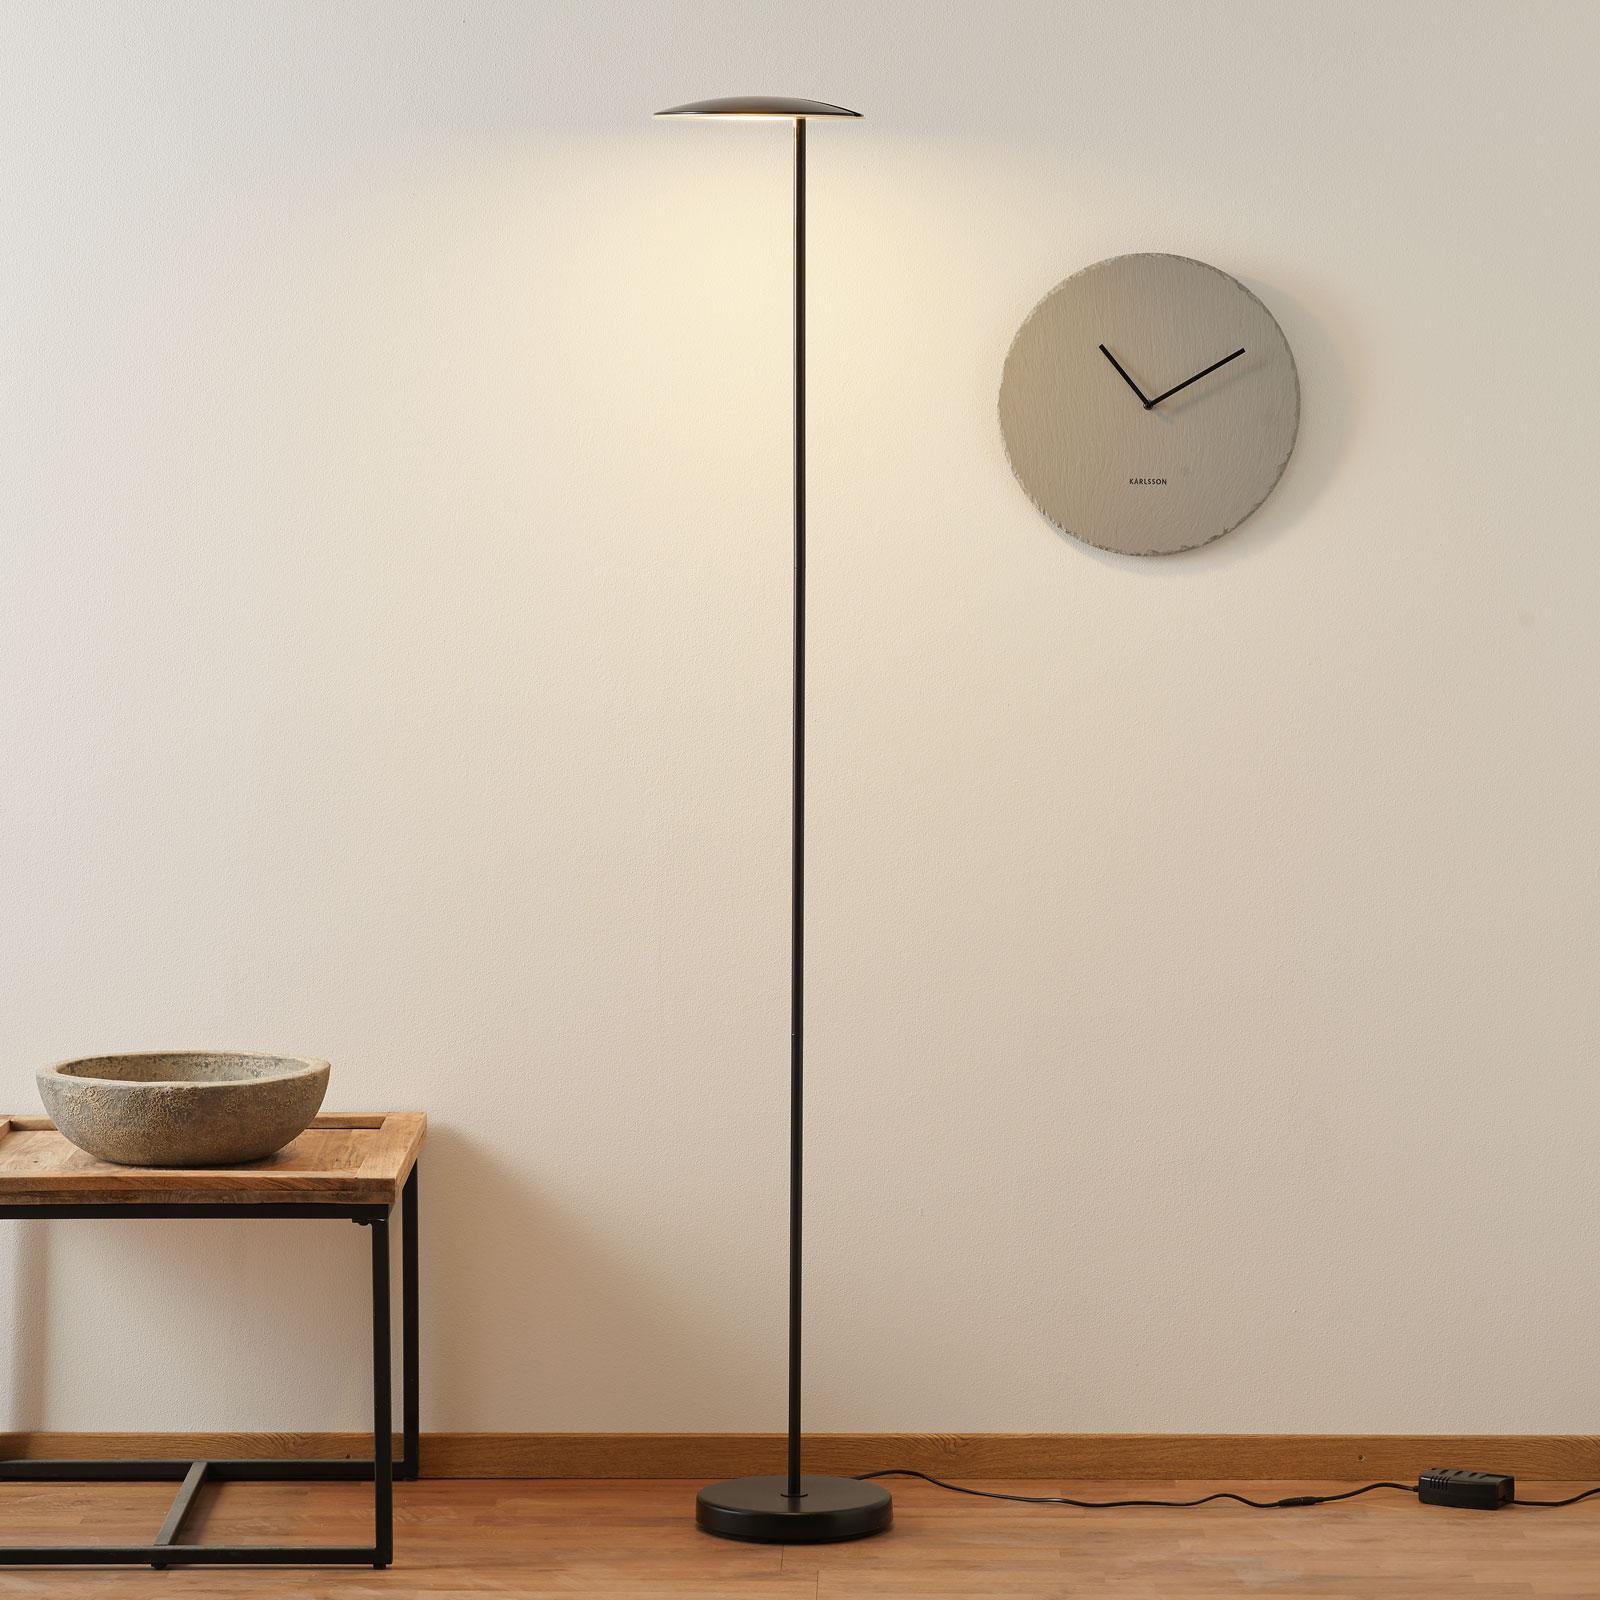 Lampa stojąca LED Ophelia, czarna, ze ściemniaczem